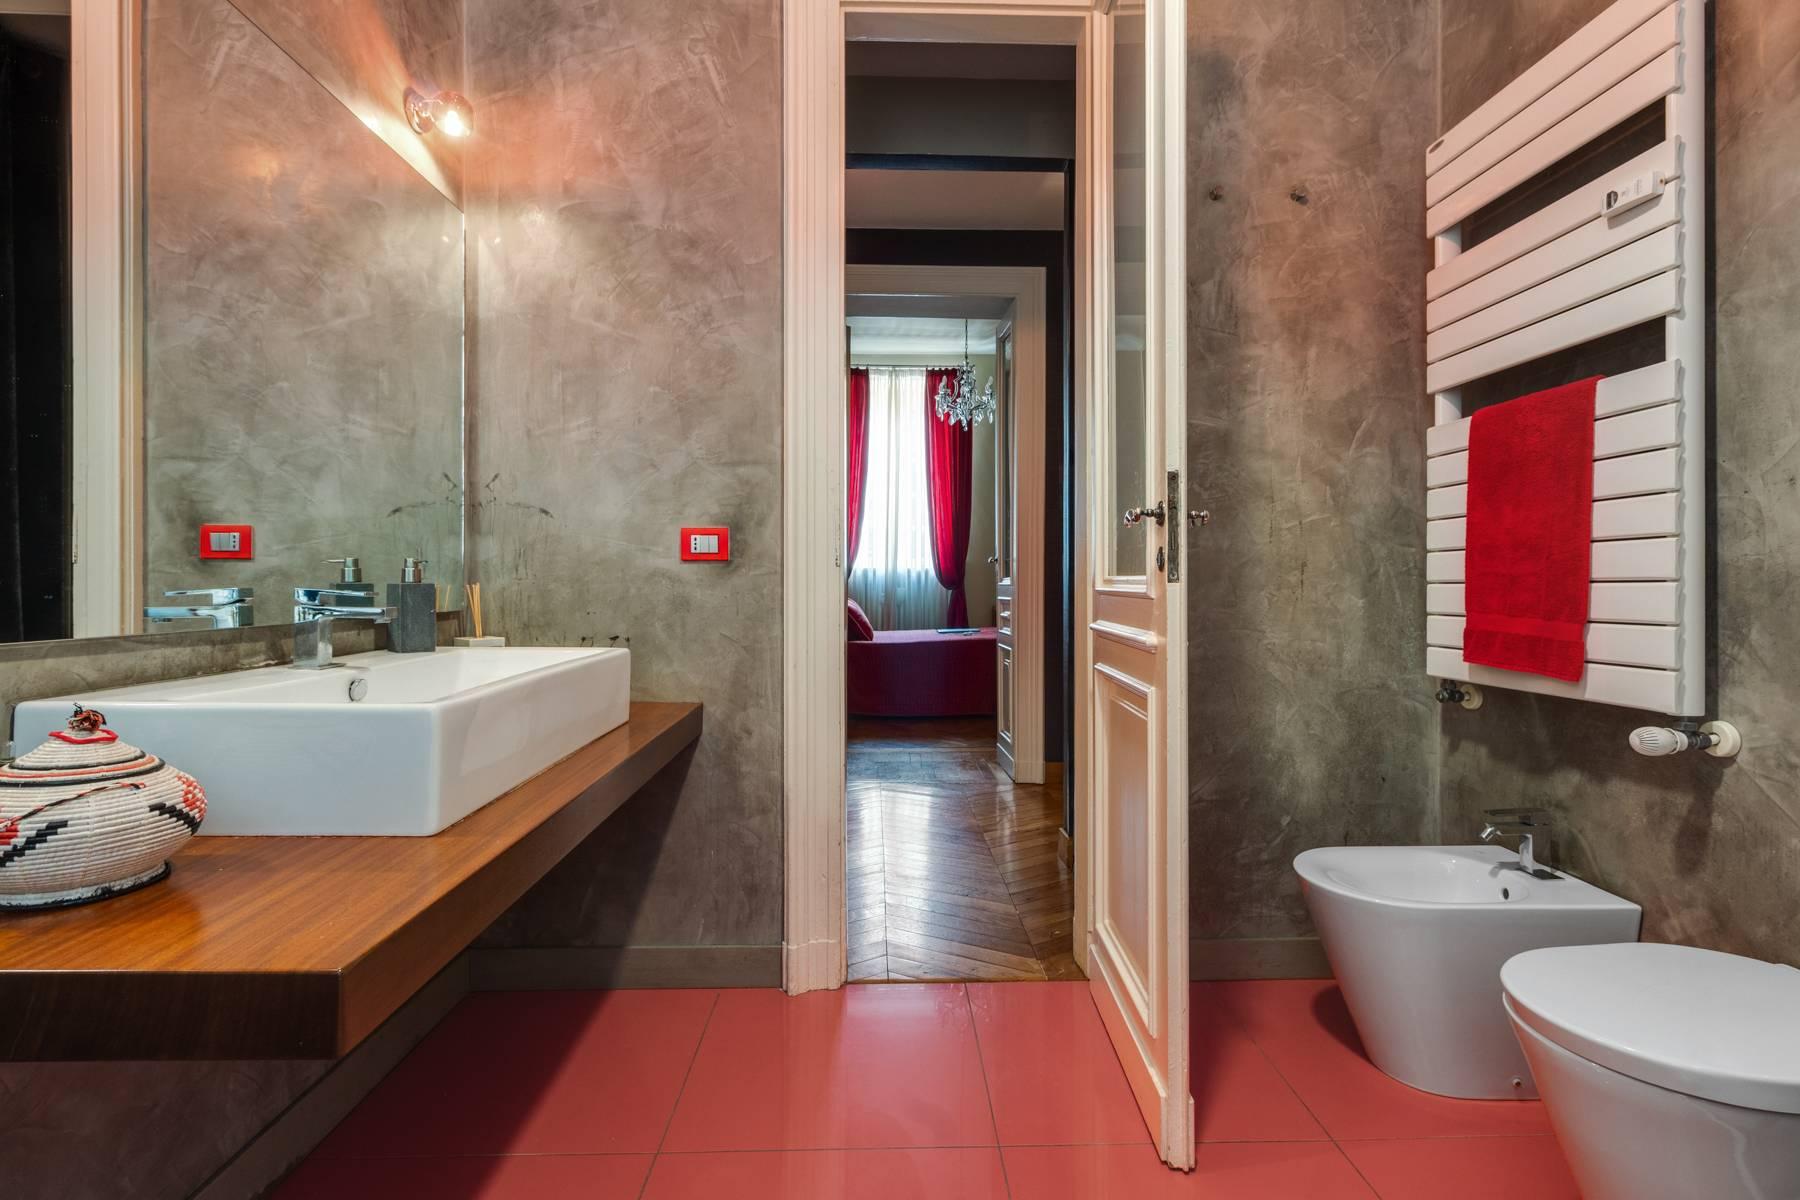 Appartamento in Vendita a Torino: 4 locali, 118 mq - Foto 16